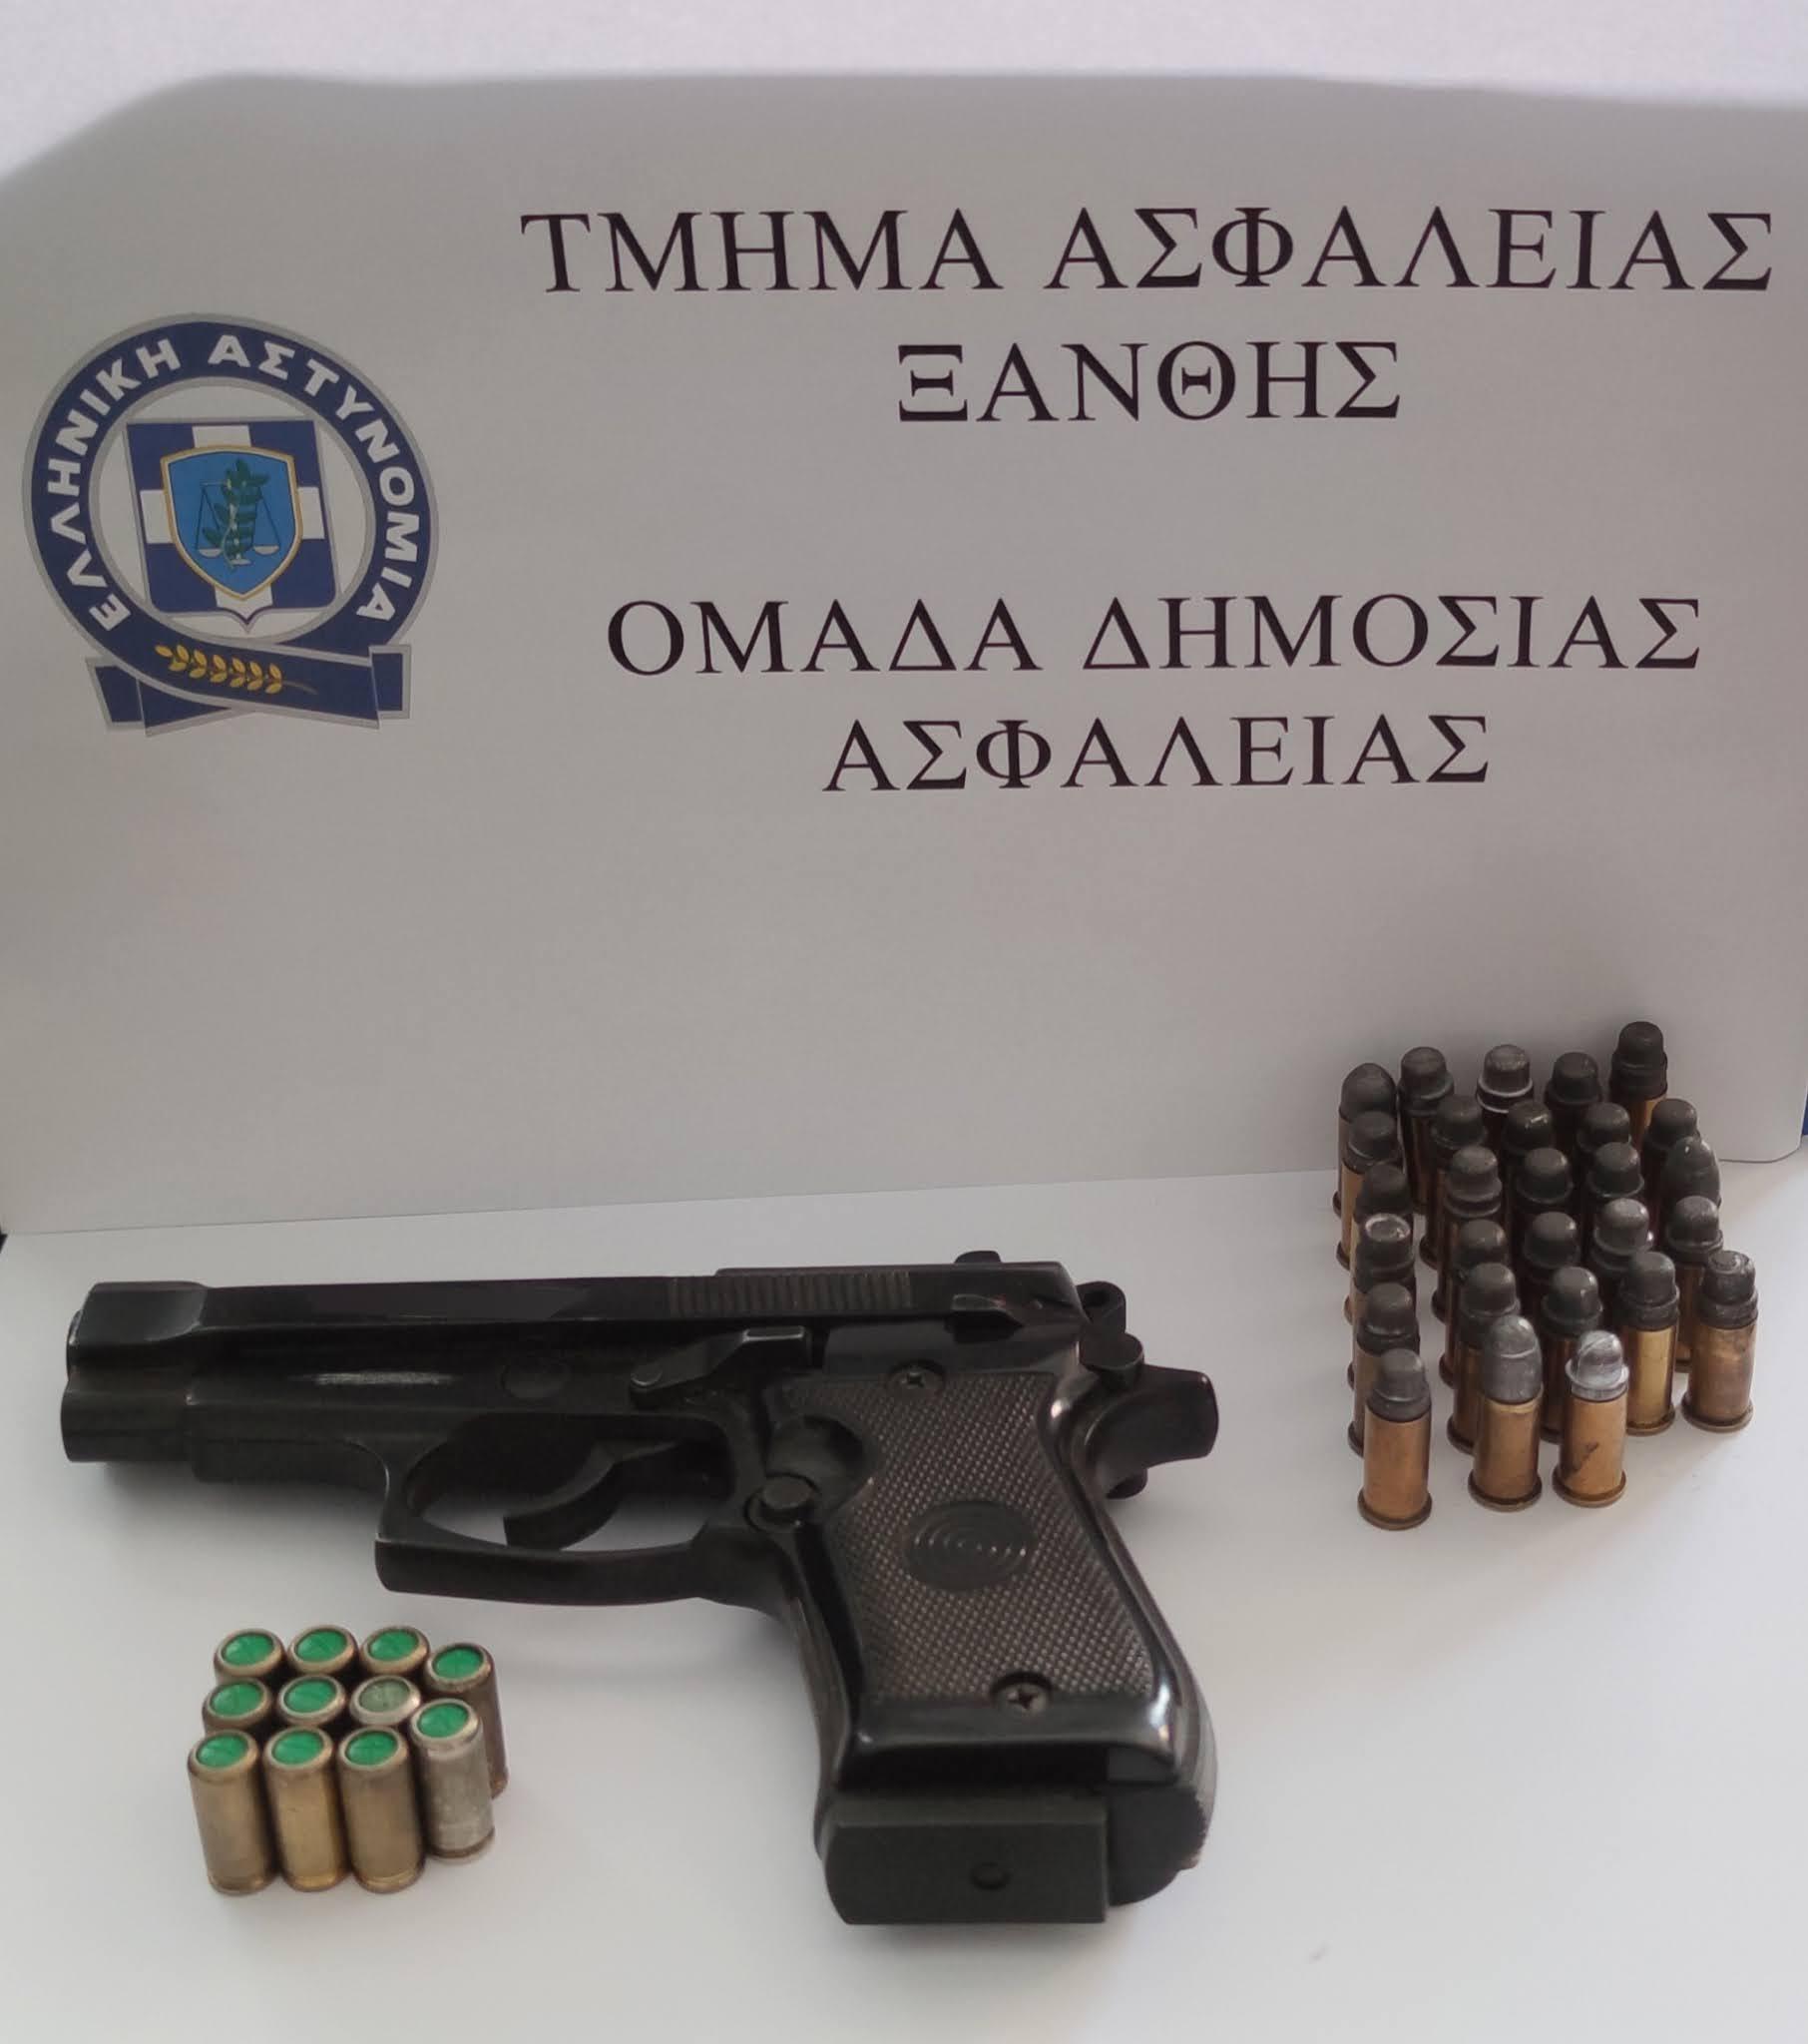 Ξάνθη: Το όπλο που έκρυβε στο σπίτι τον έστειλε στο Αστυνομικό Τμήμα